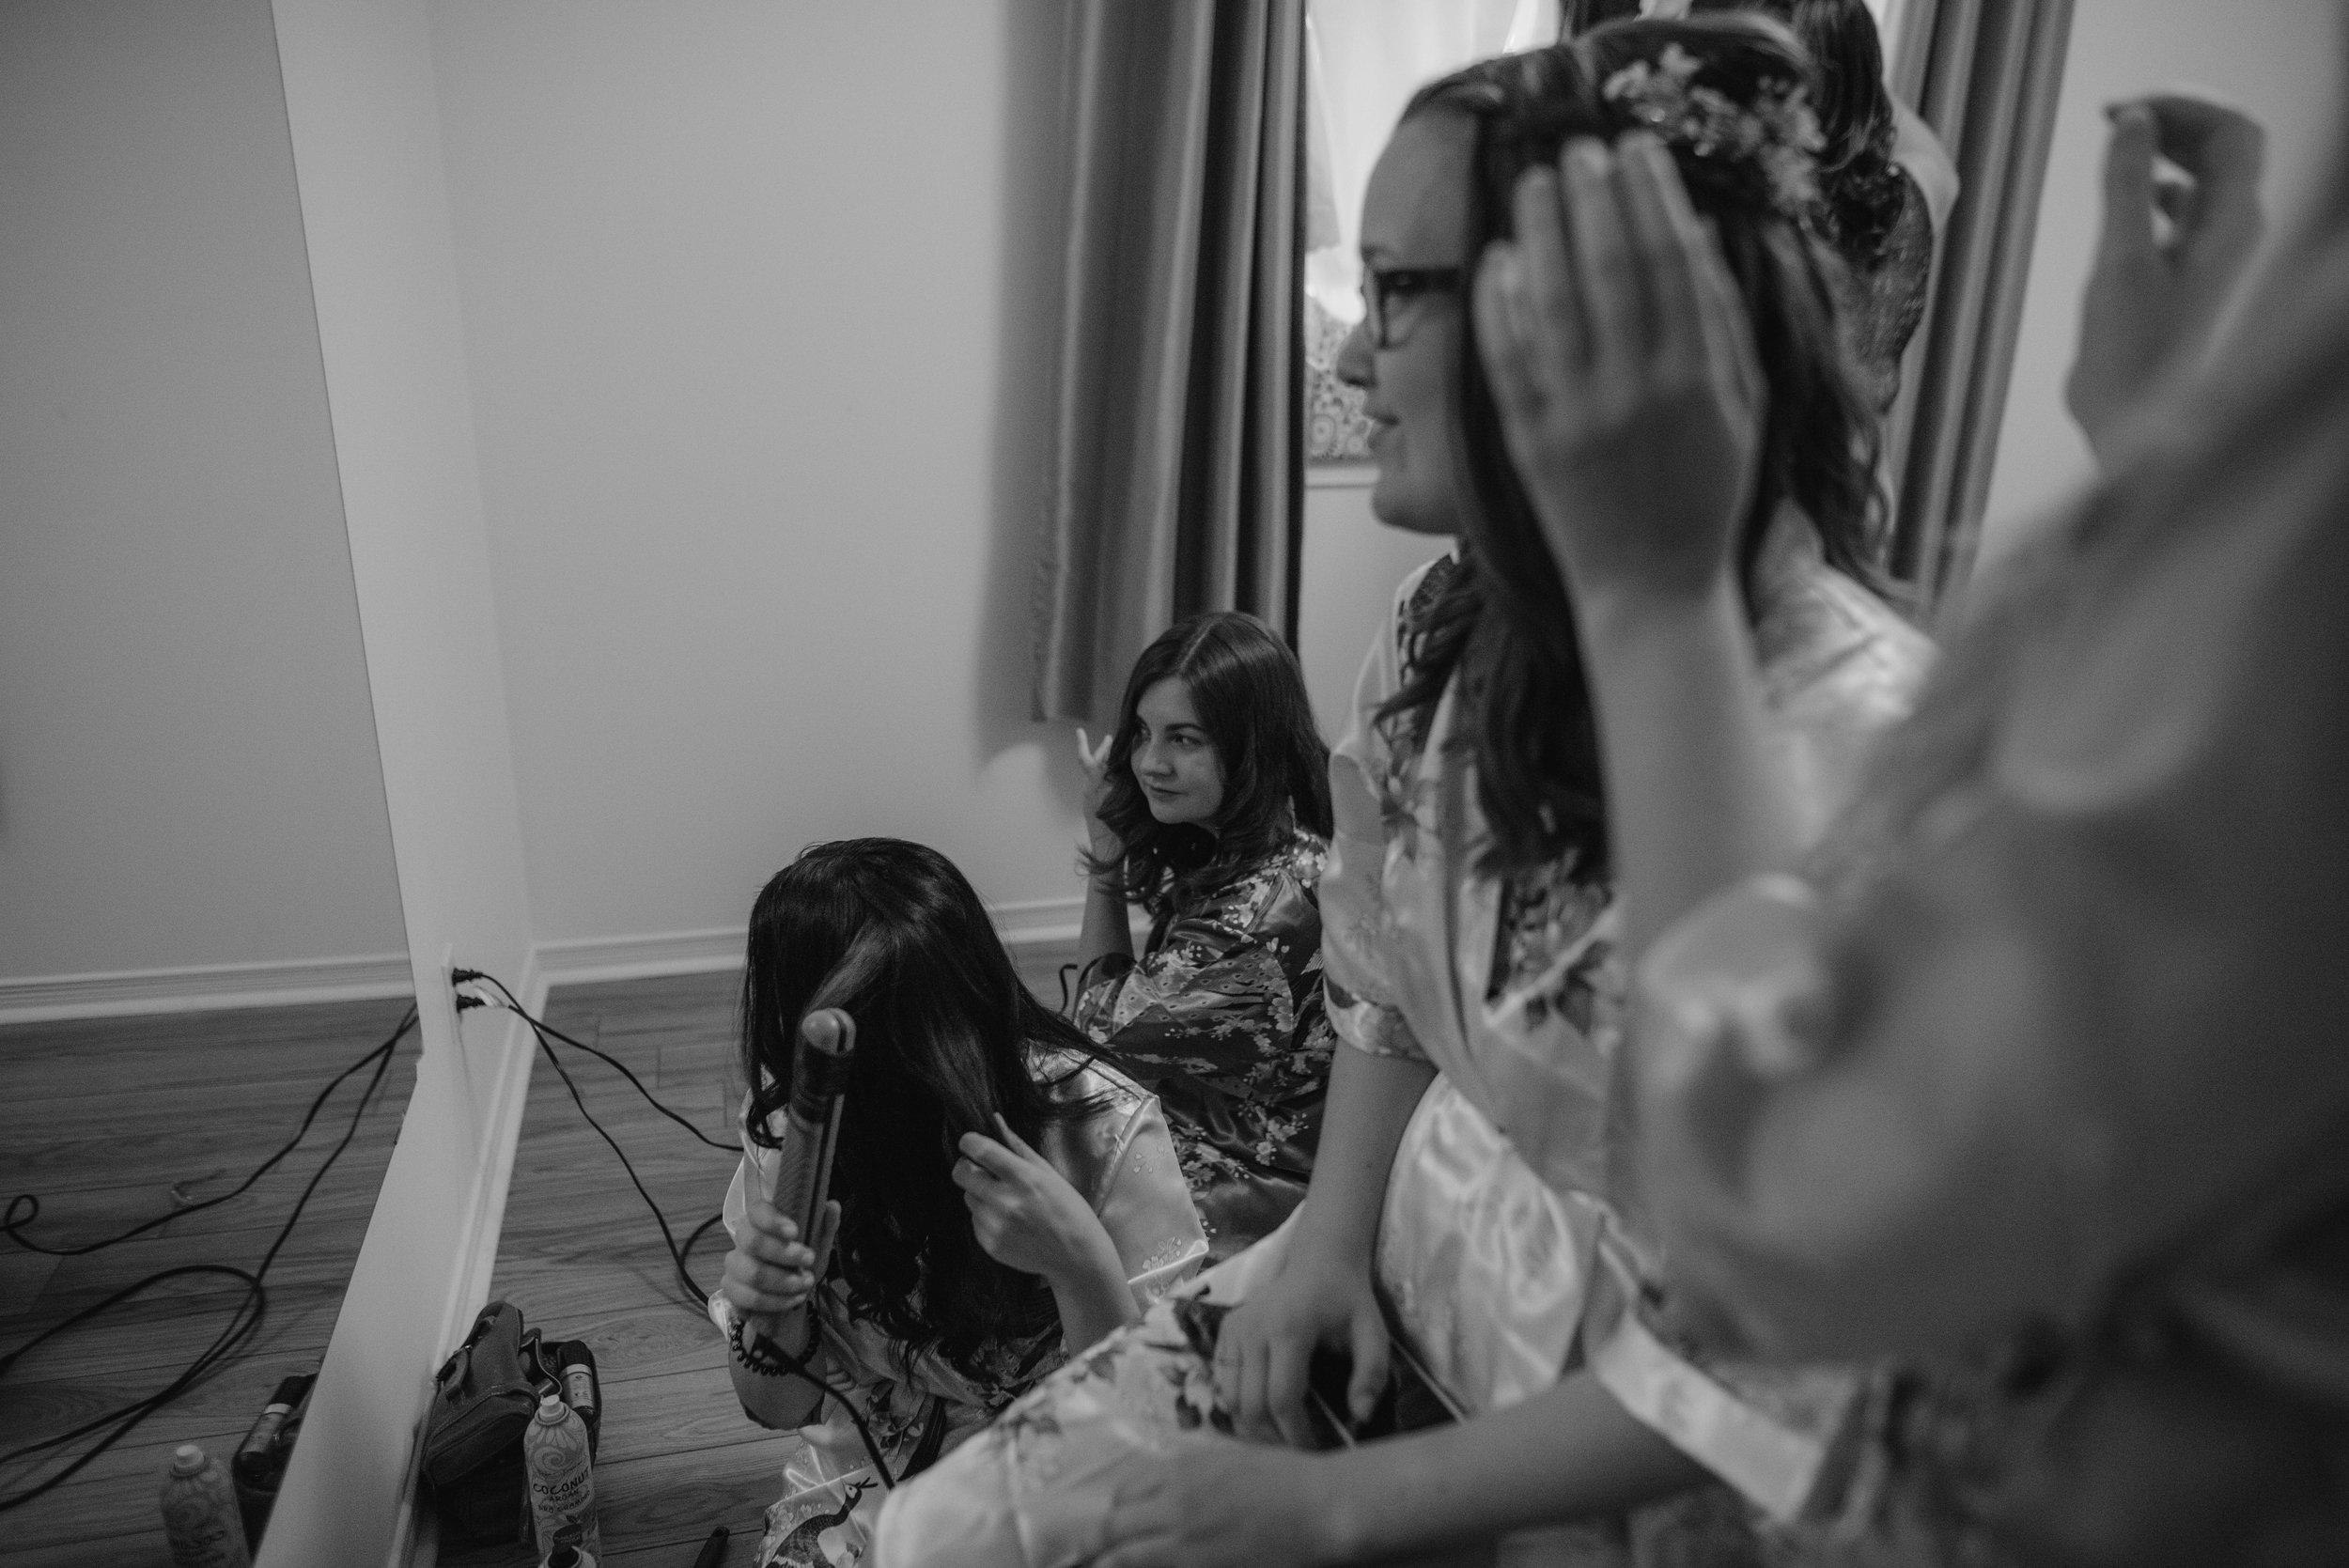 wedding_photographer_lifestyle_documentary_photographe_ottawa_gatineau-60.jpg